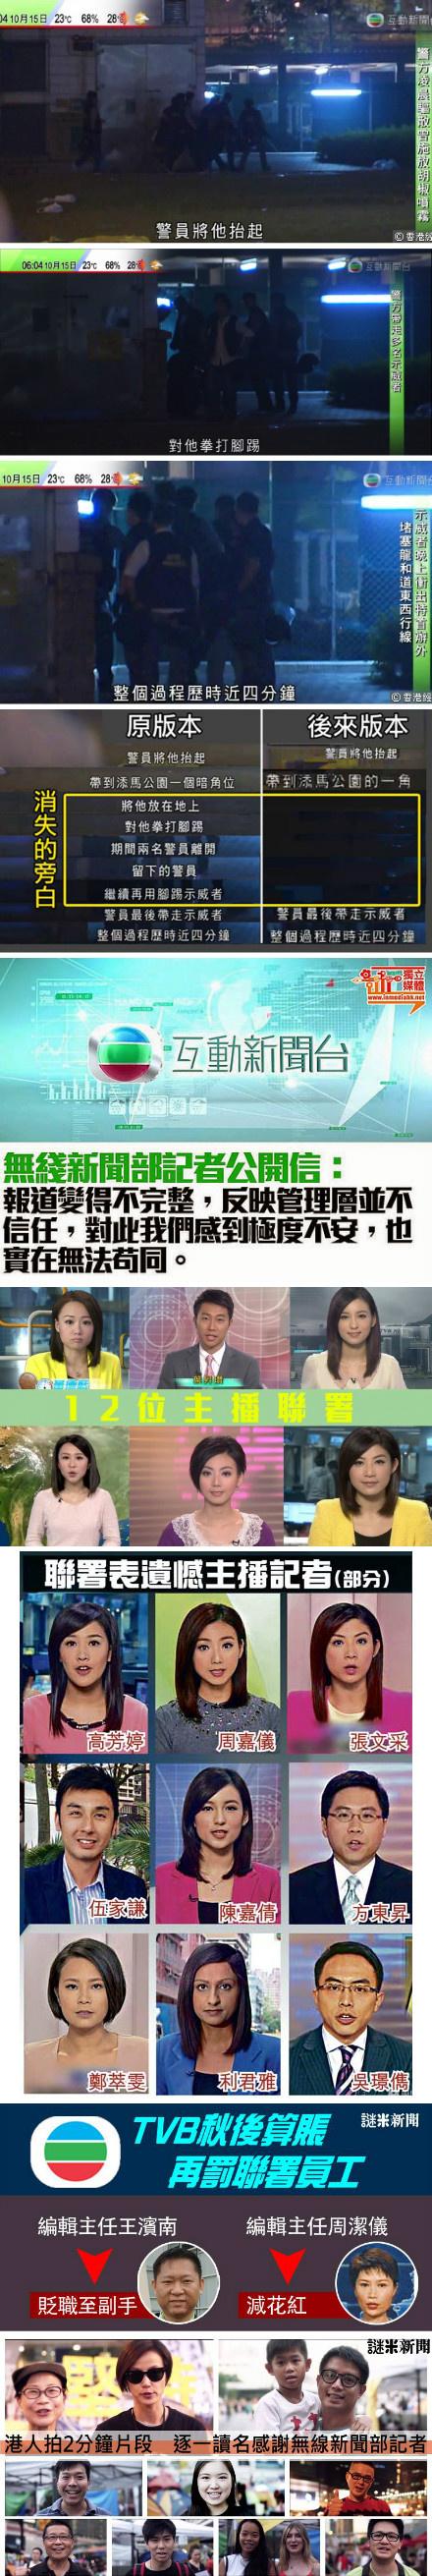 """【立此存照】中共""""正能量""""公开悬赏殴打香港法官杜大卫"""